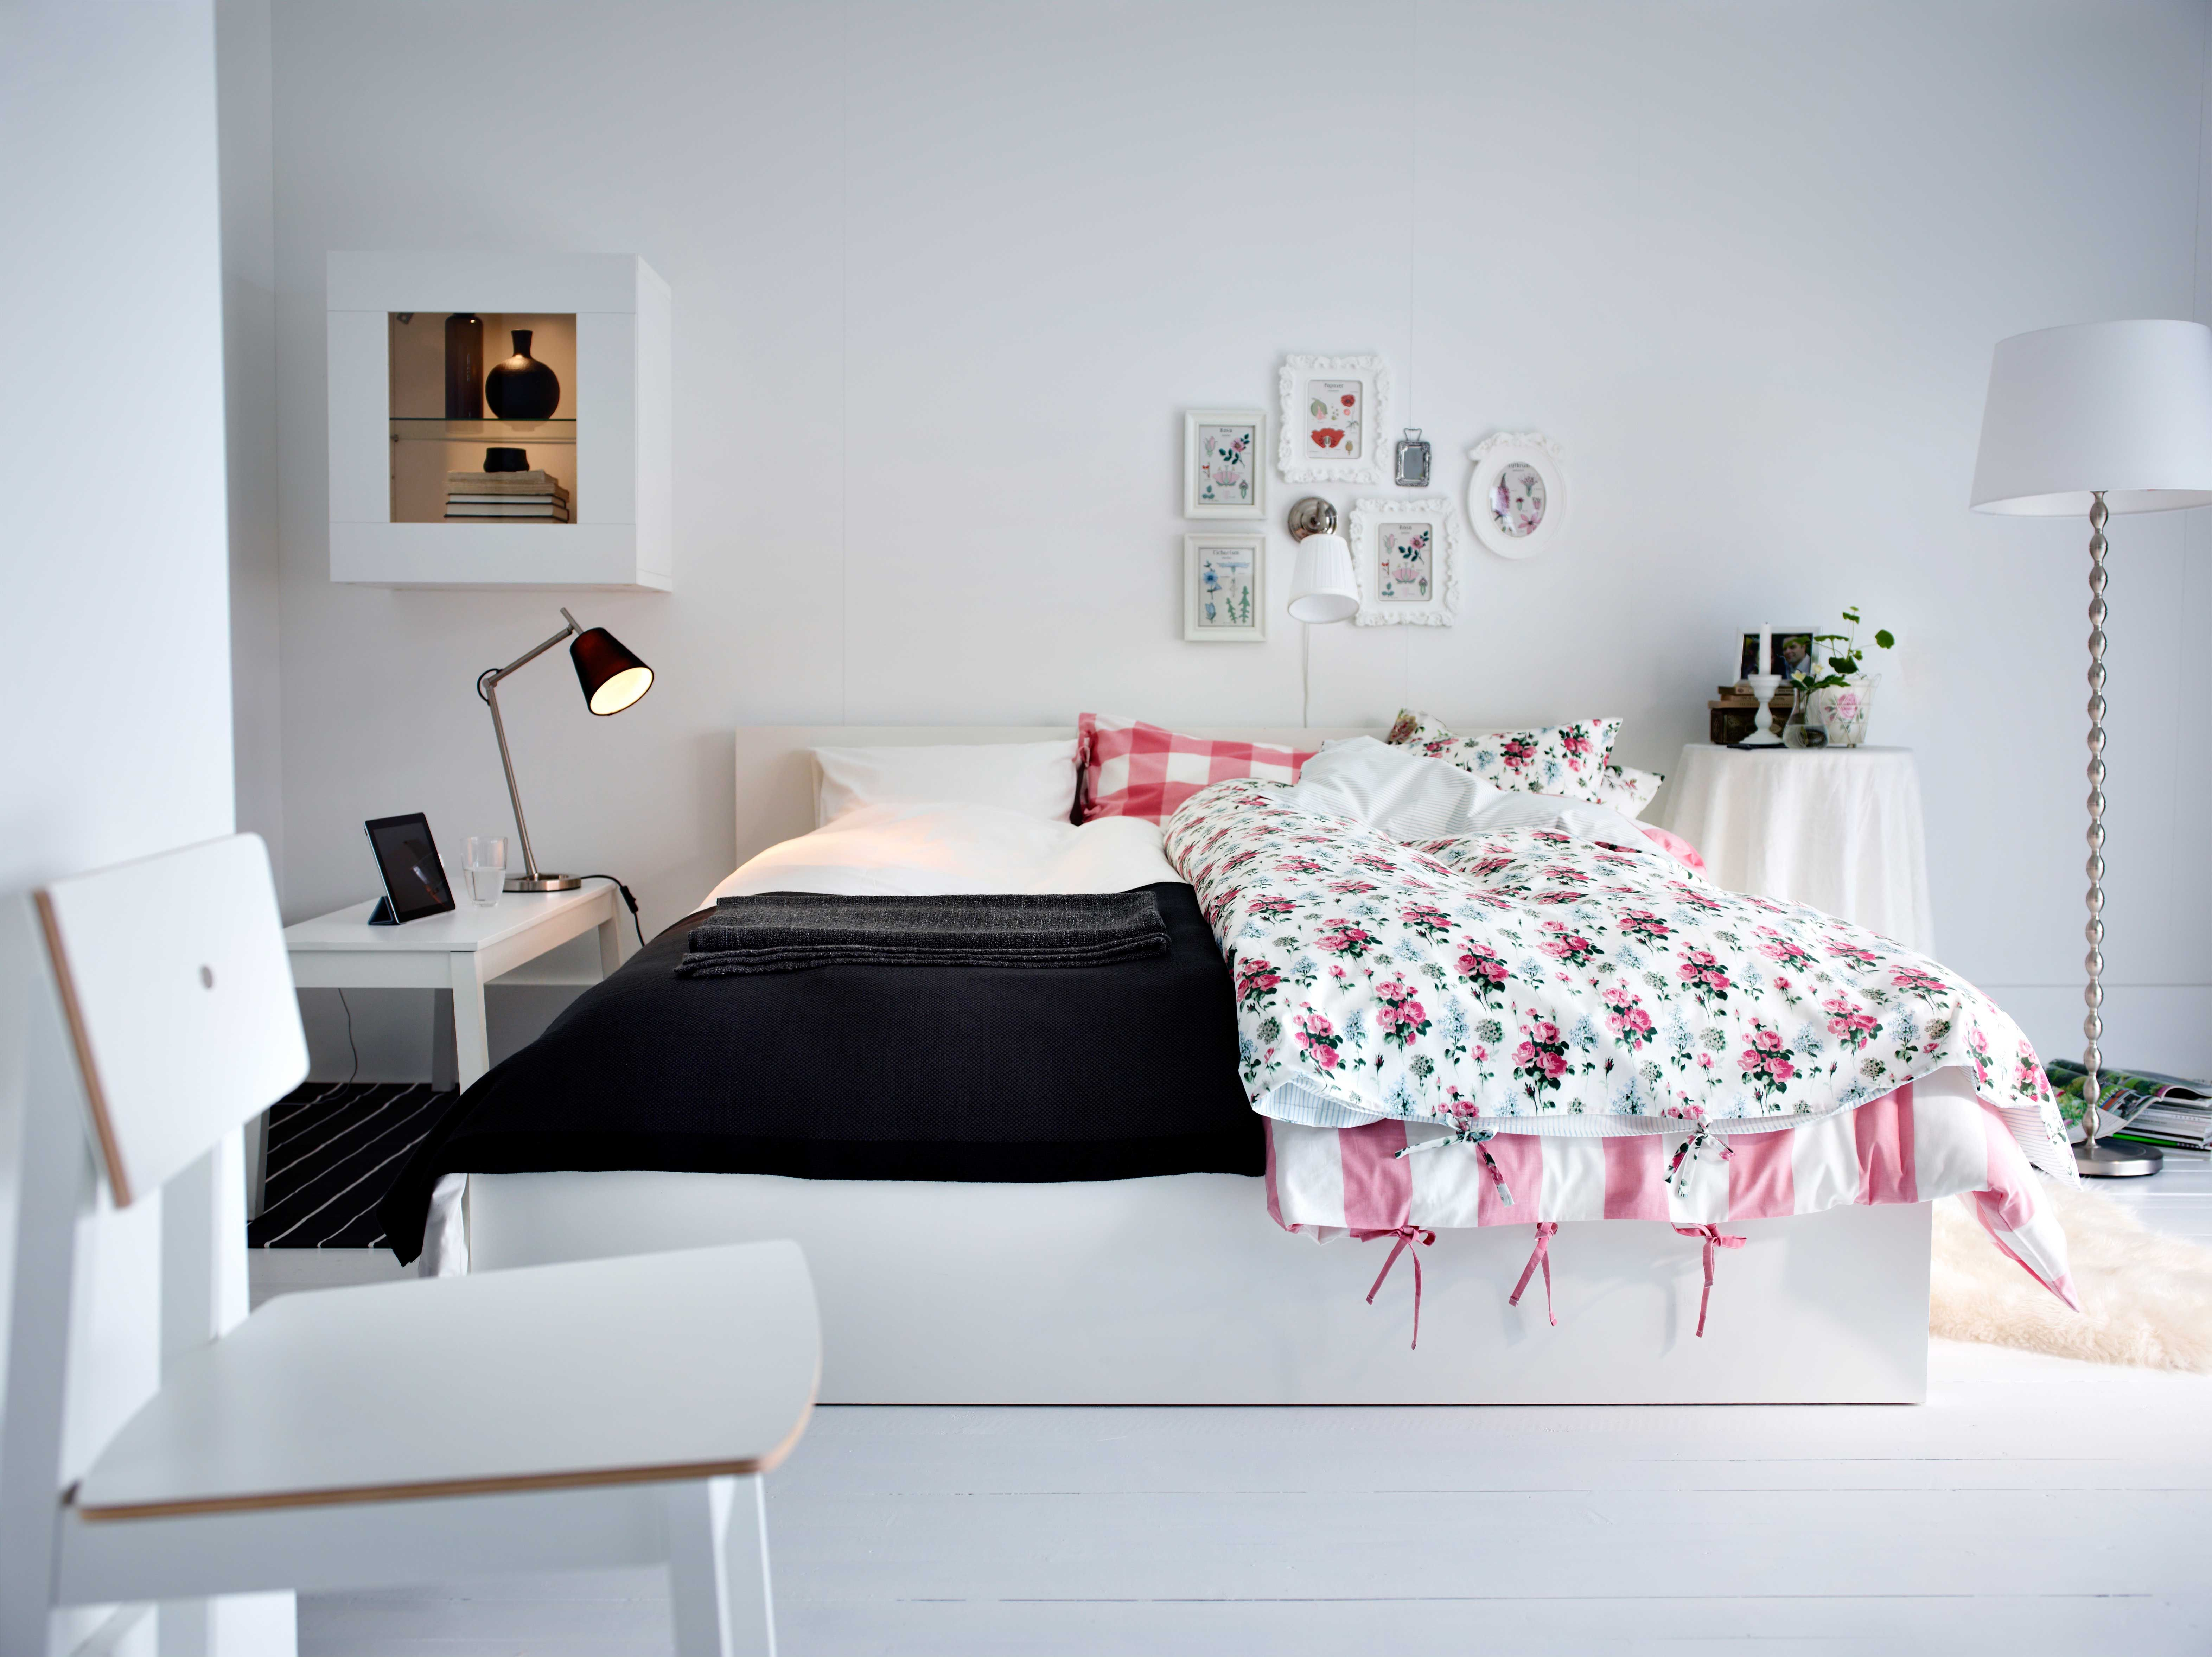 Ikea Osterreich Inspiration Textilien Schlafzimmer Bettgestell